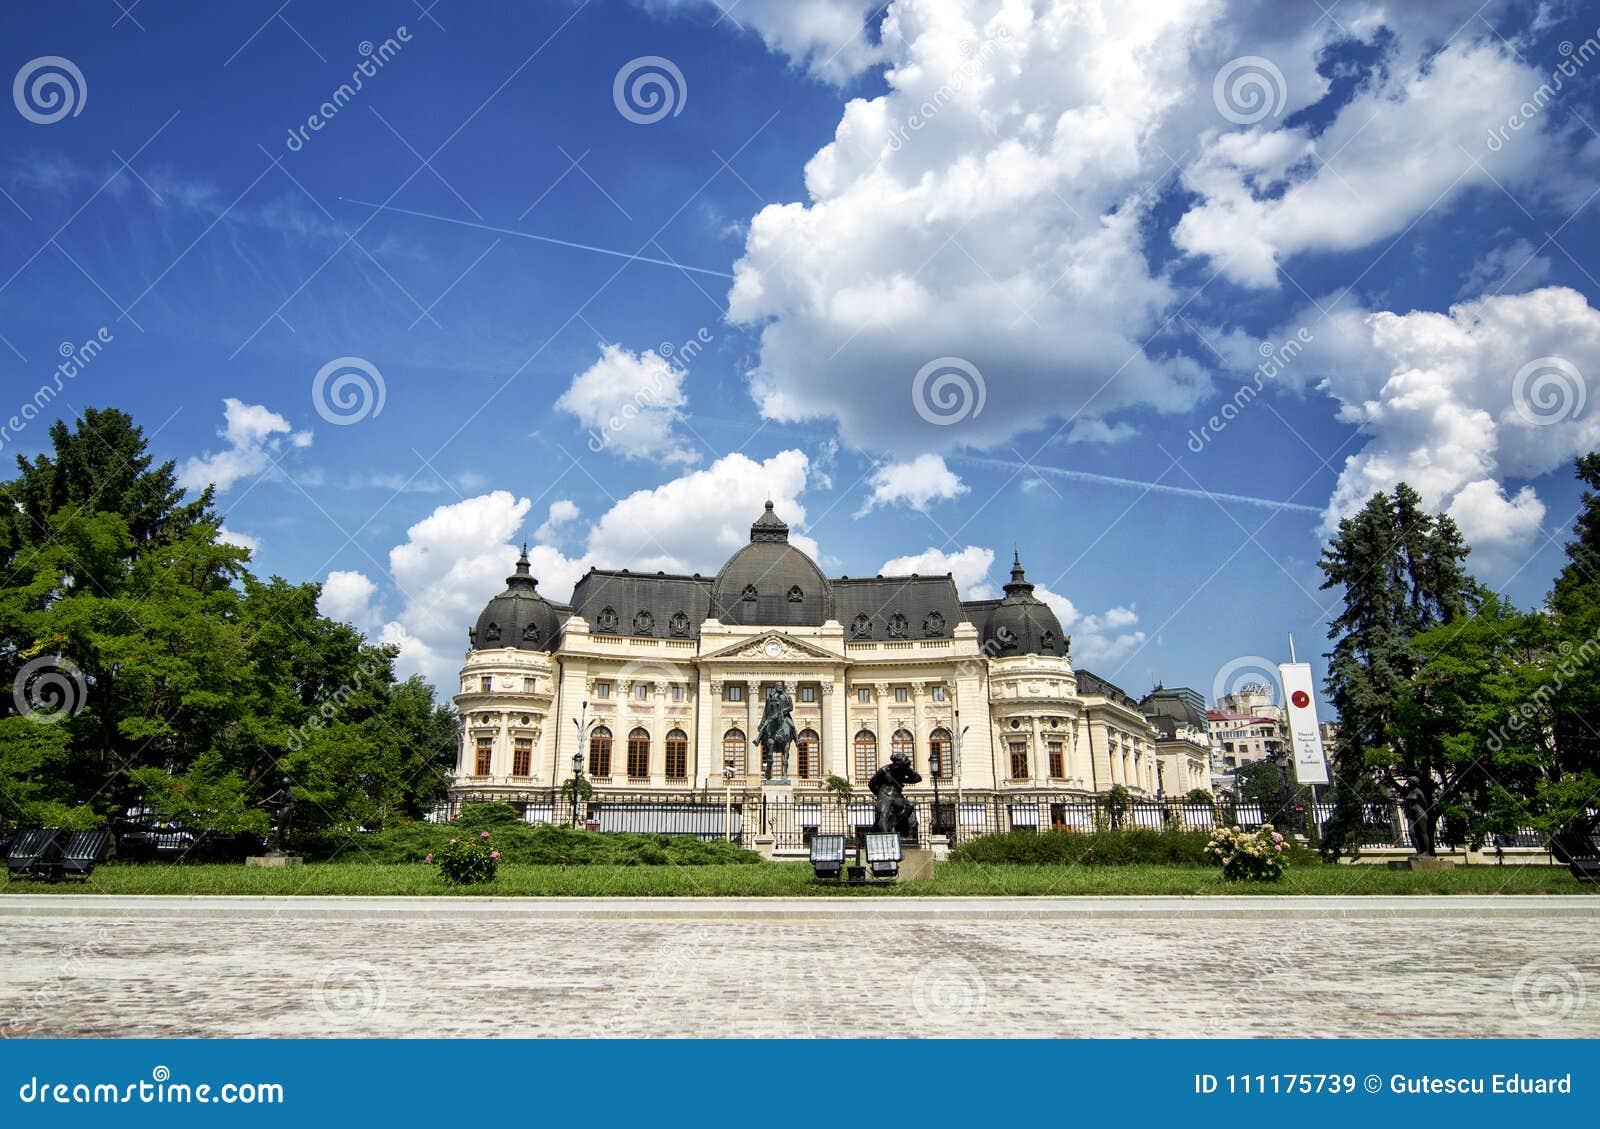 布加勒斯特中央图书馆在夏时的蓝色小时